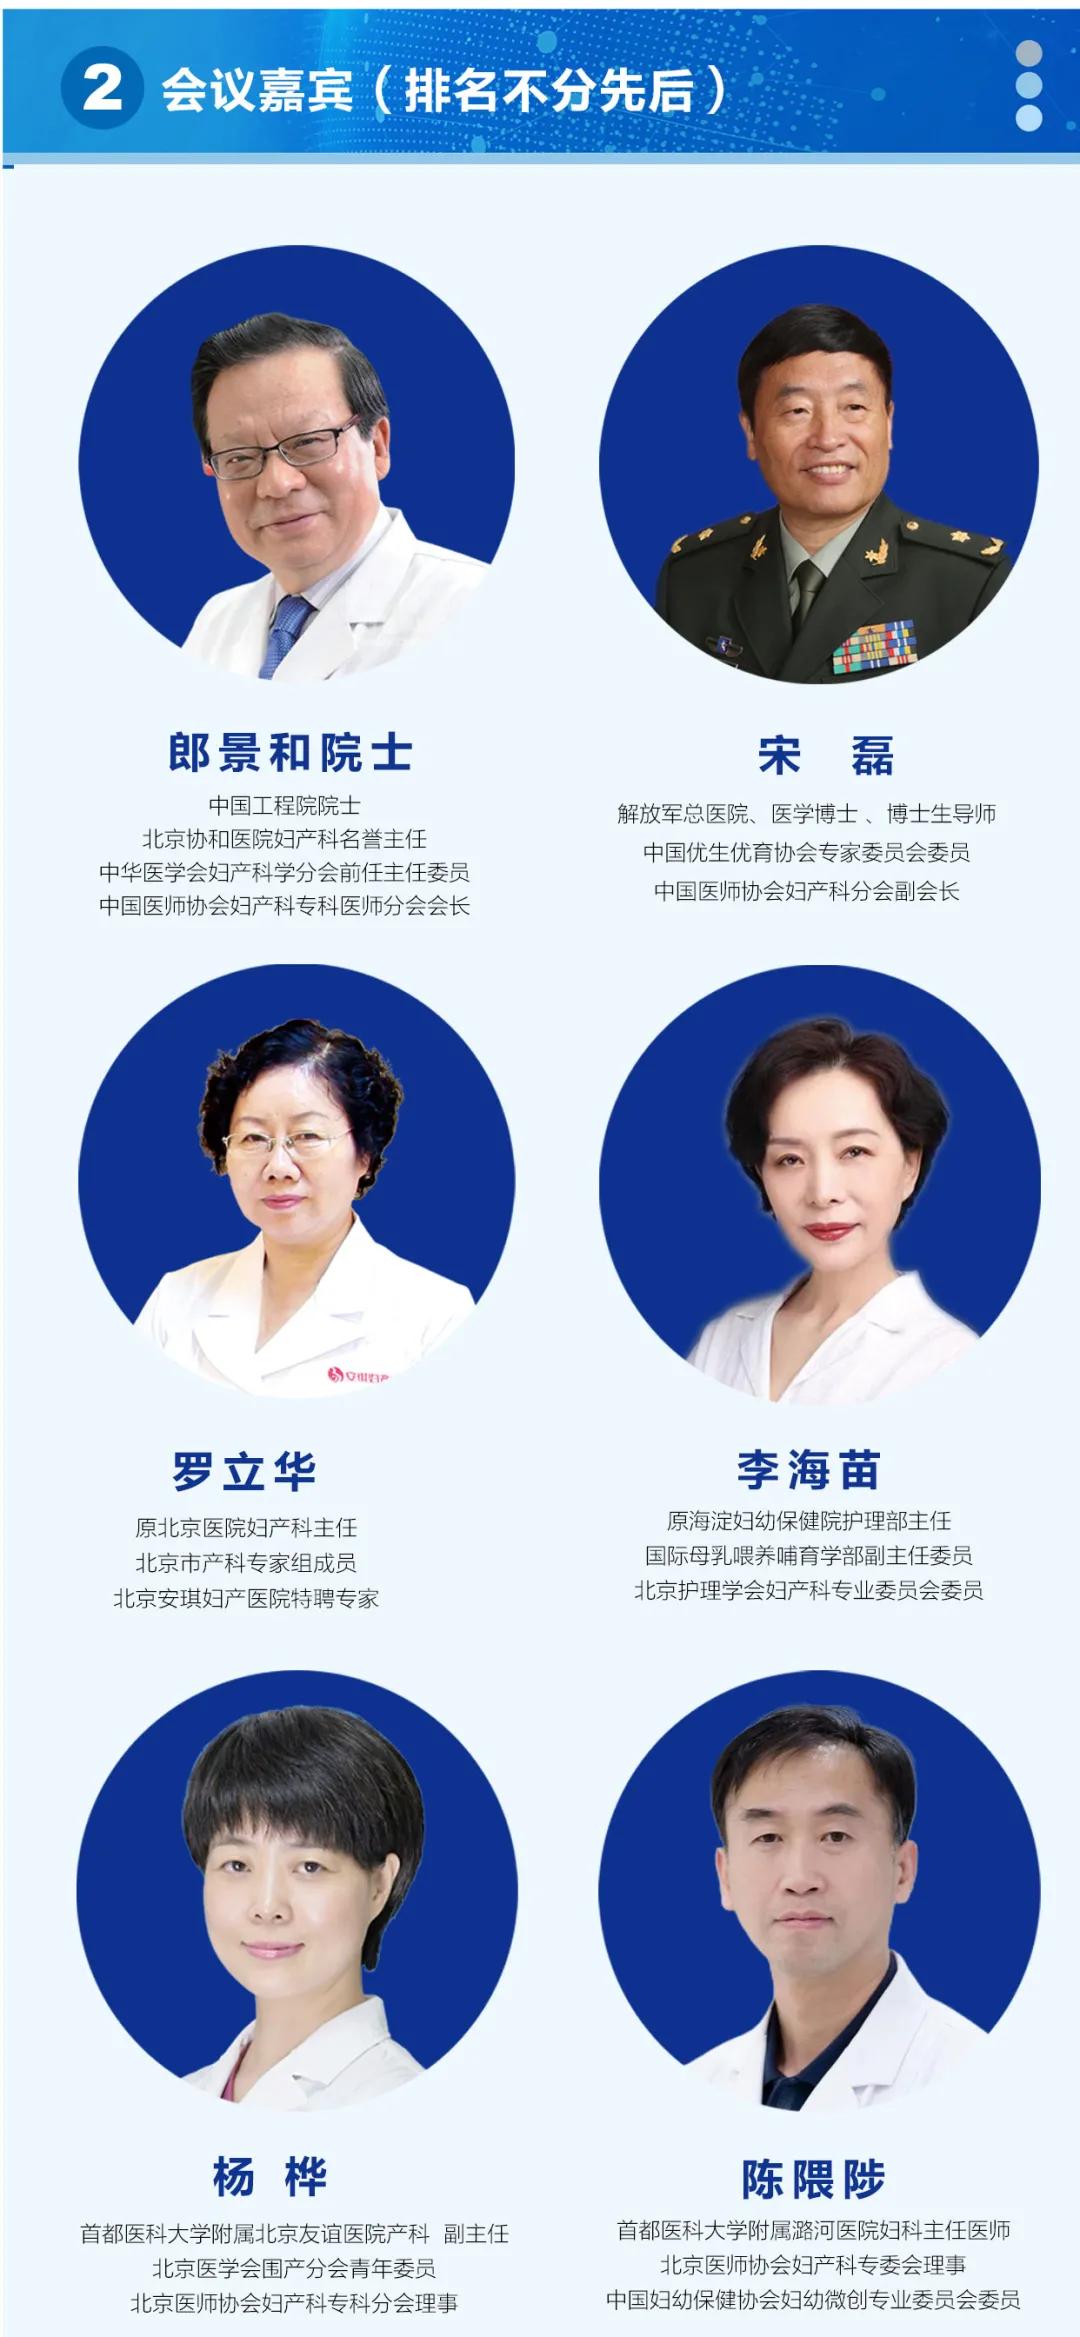 重磅消息|5 月 24 日通州区首届产科分娩镇痛及品质服务高峰论坛!报名中